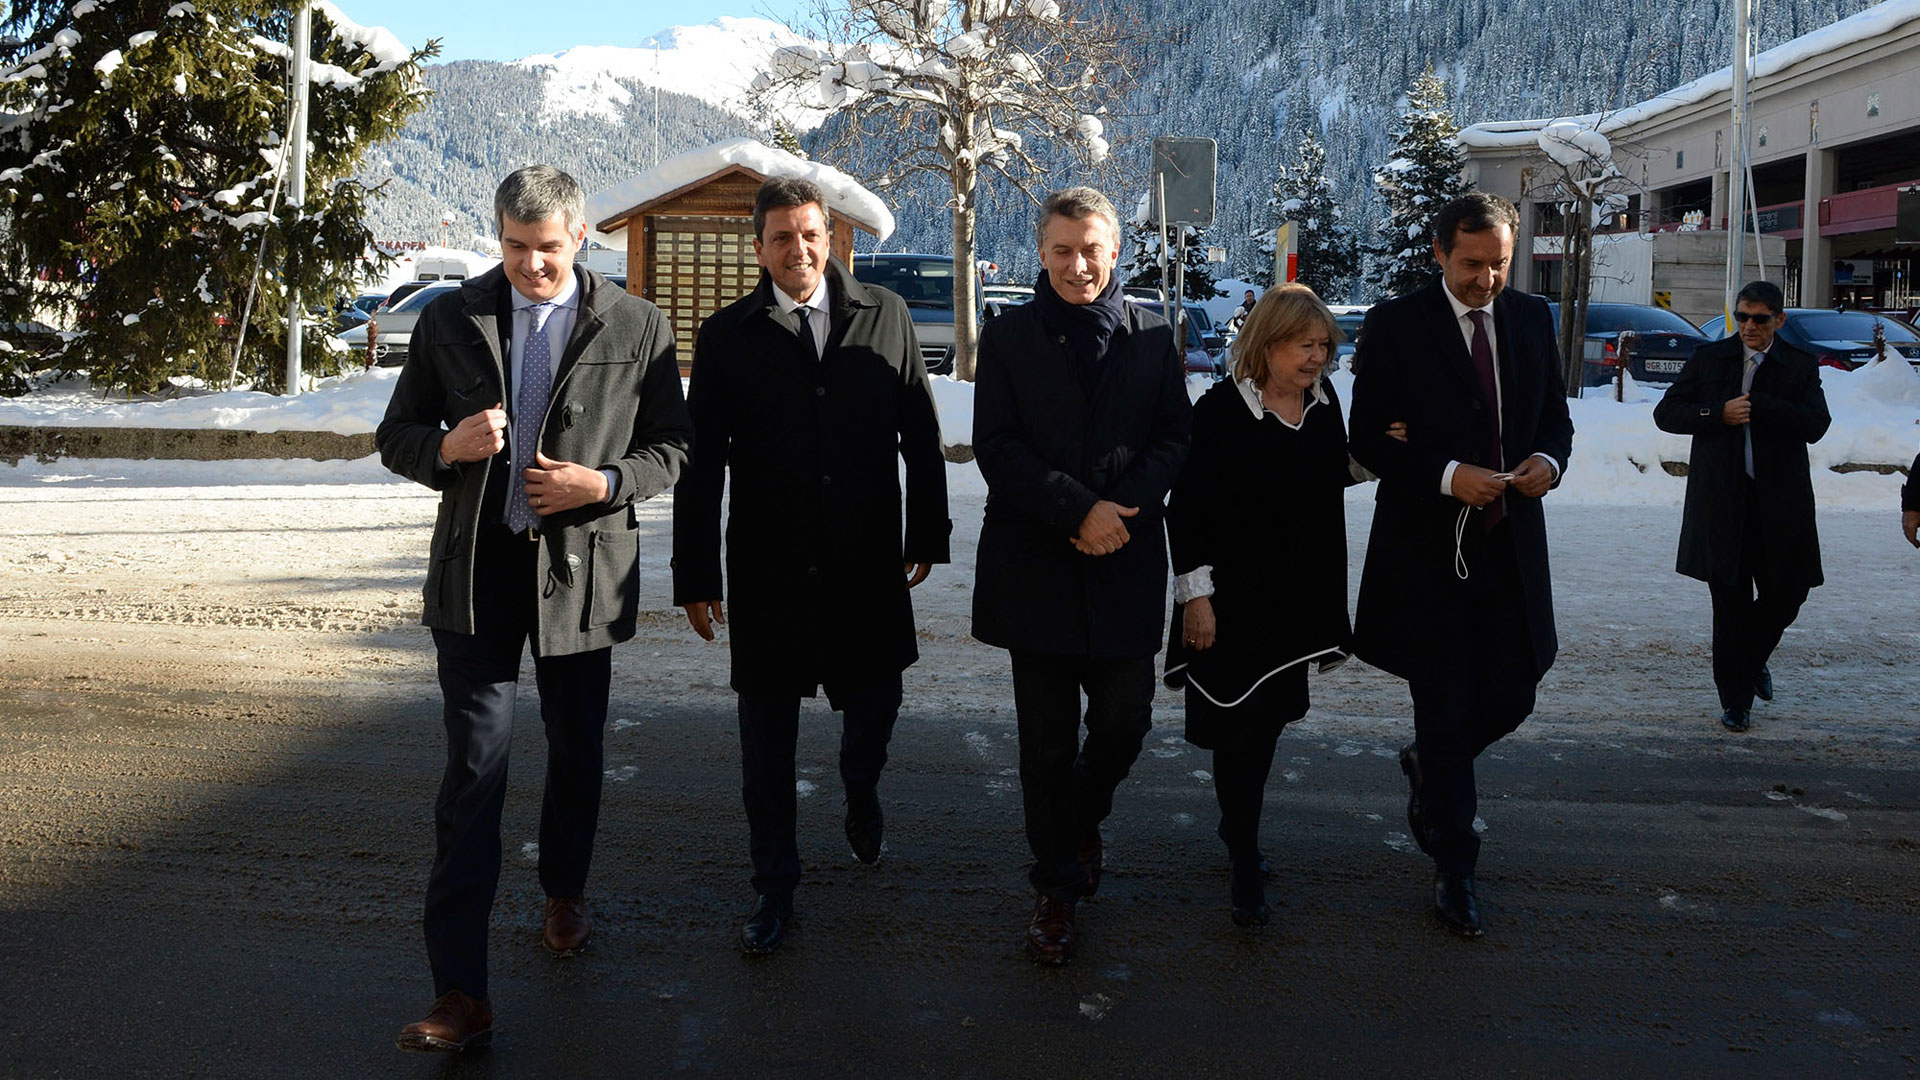 """En el primer viaje que Mauricio Macri realizó al exterior, fue acompañado por Sergio Massa, líder del opositor Frente Renovador. Fueron a Davos, un foro de empresarios que el kirchnerismo había despreciado. El buen vínculo entre ellos duró poco tiempo. Macri, meses después, le puso de apodo """"ventajita""""."""